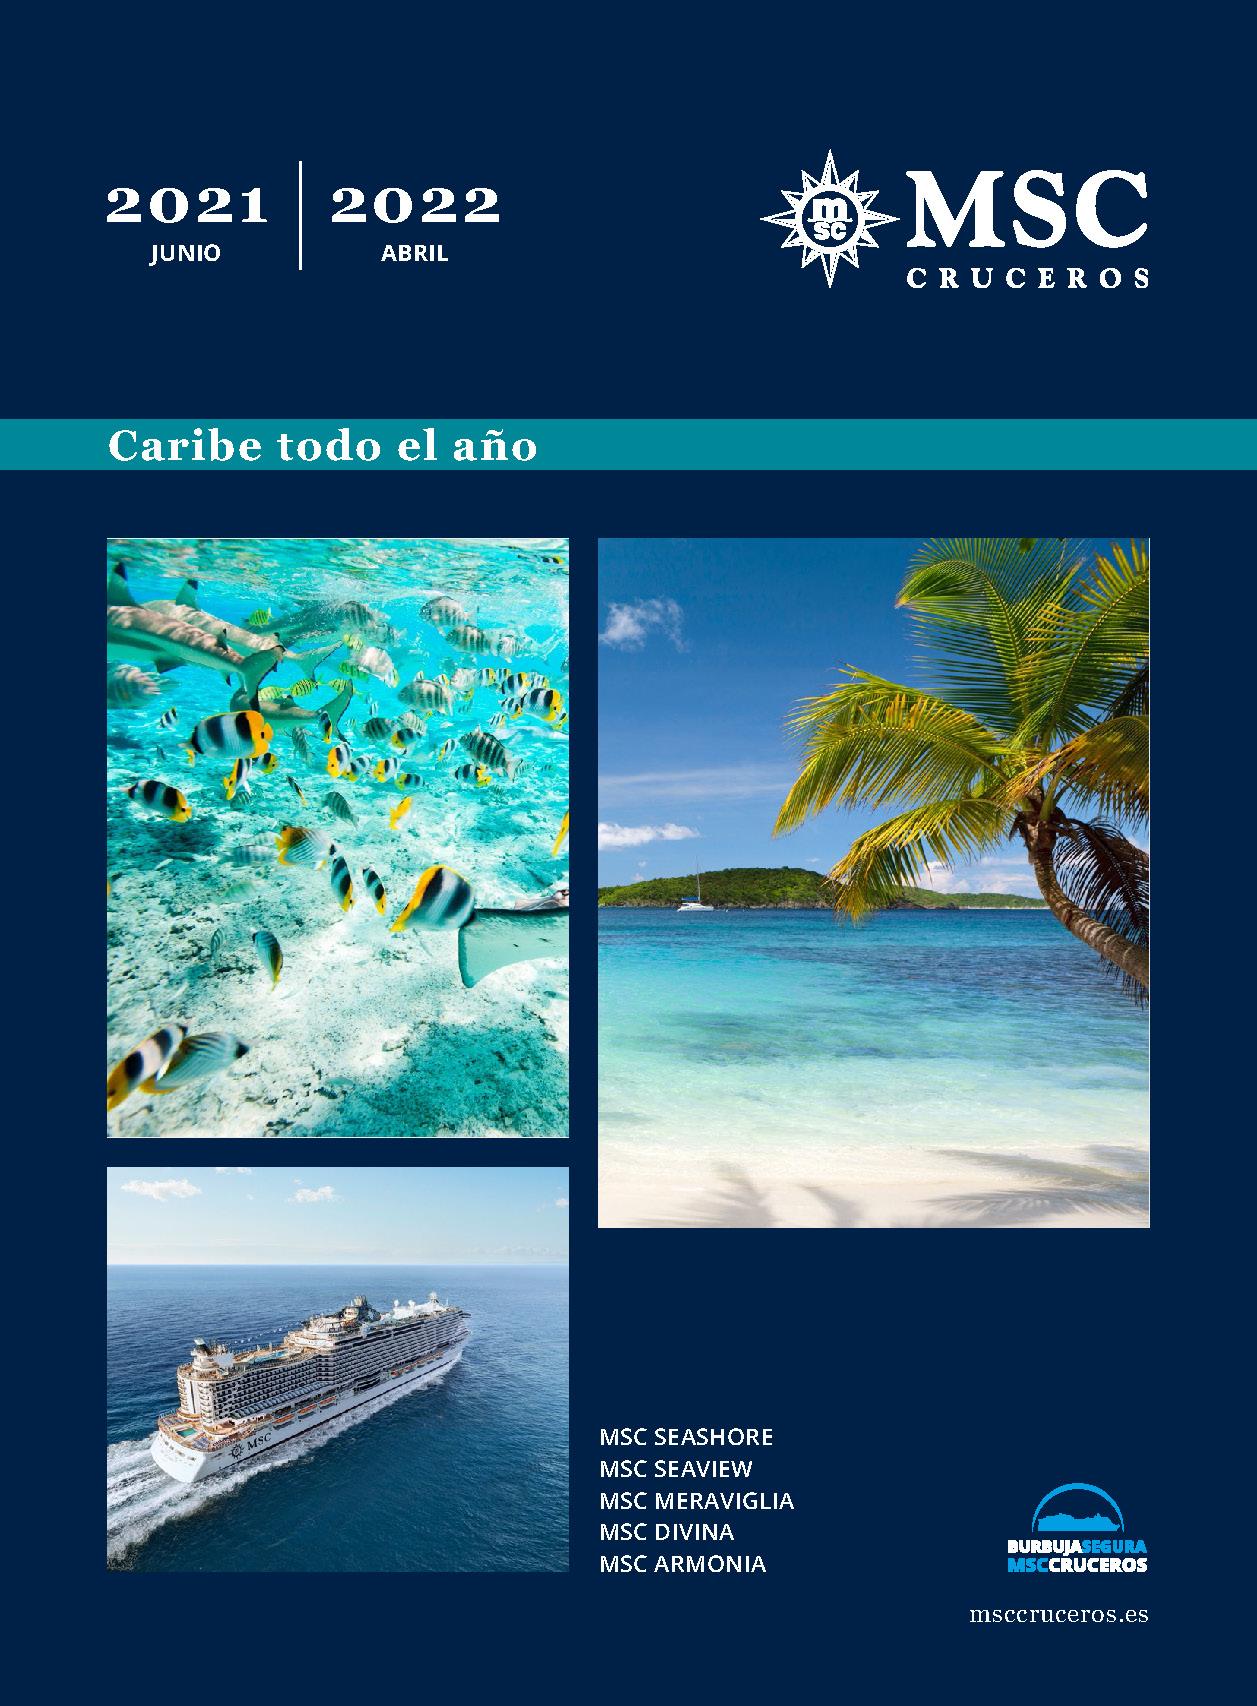 Catalogo MSC Cruceros Caribe 2021-2022